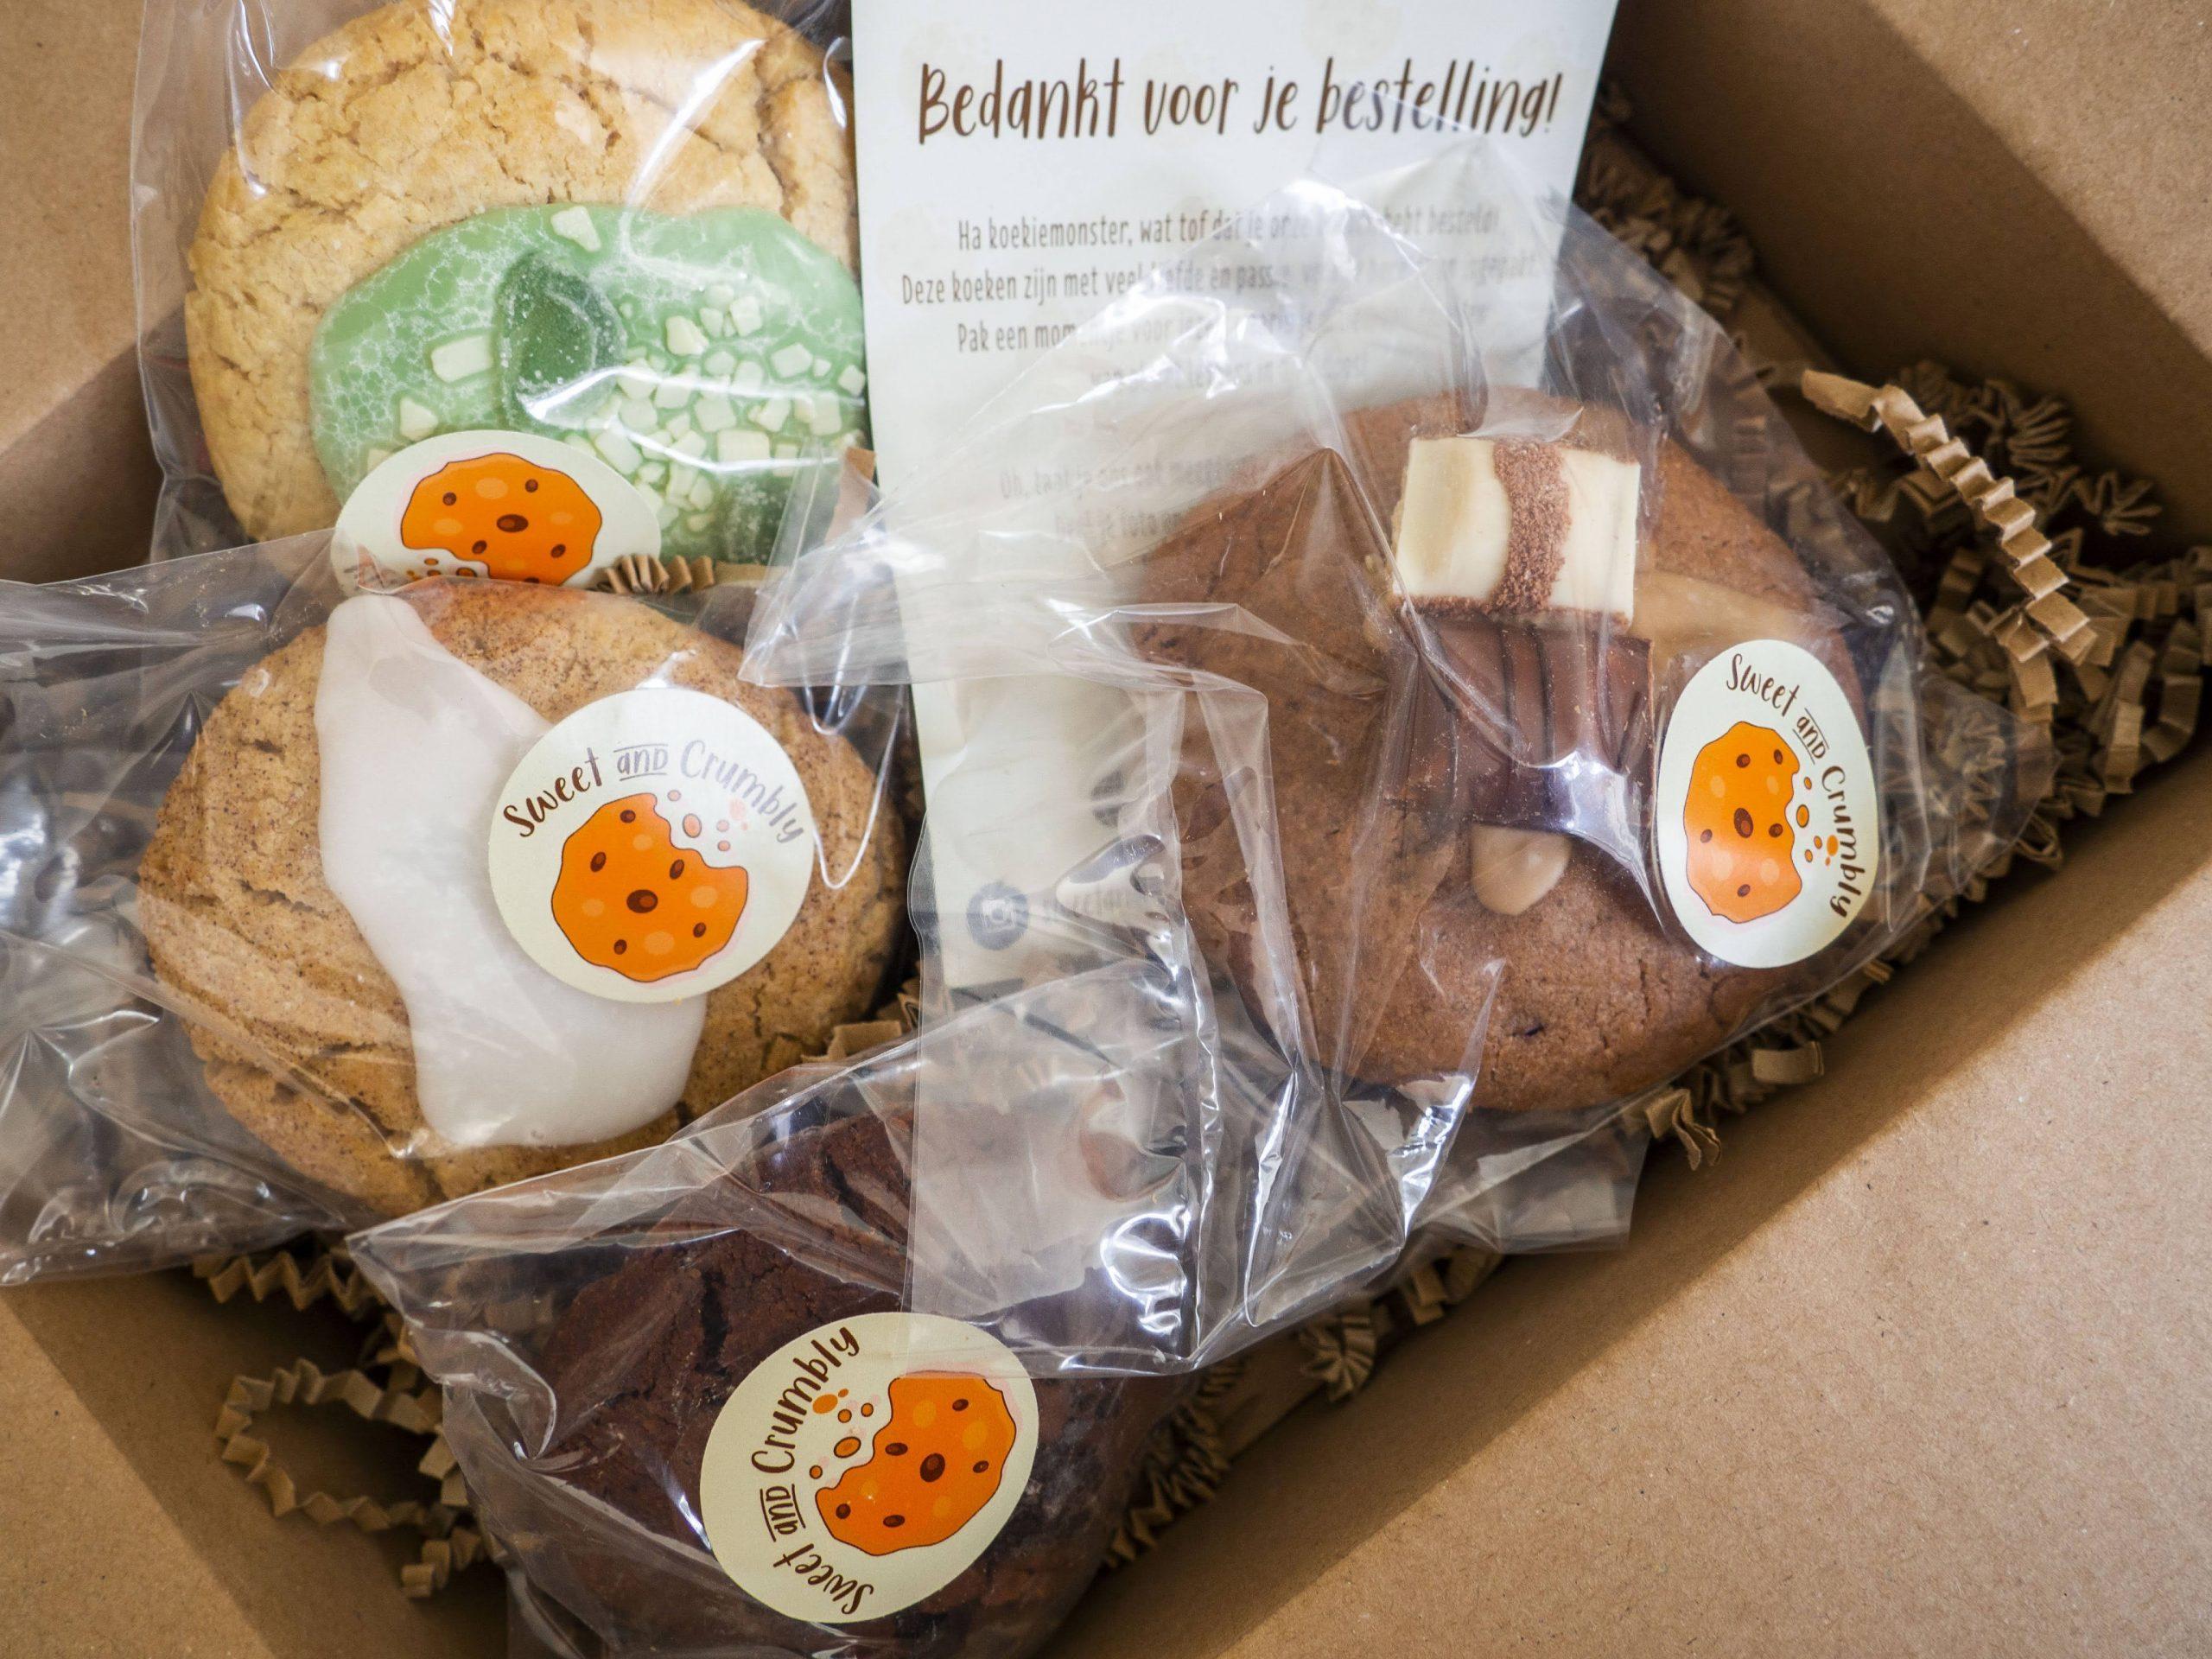 de ambachtelijke koeken van Sweet and Crumbly